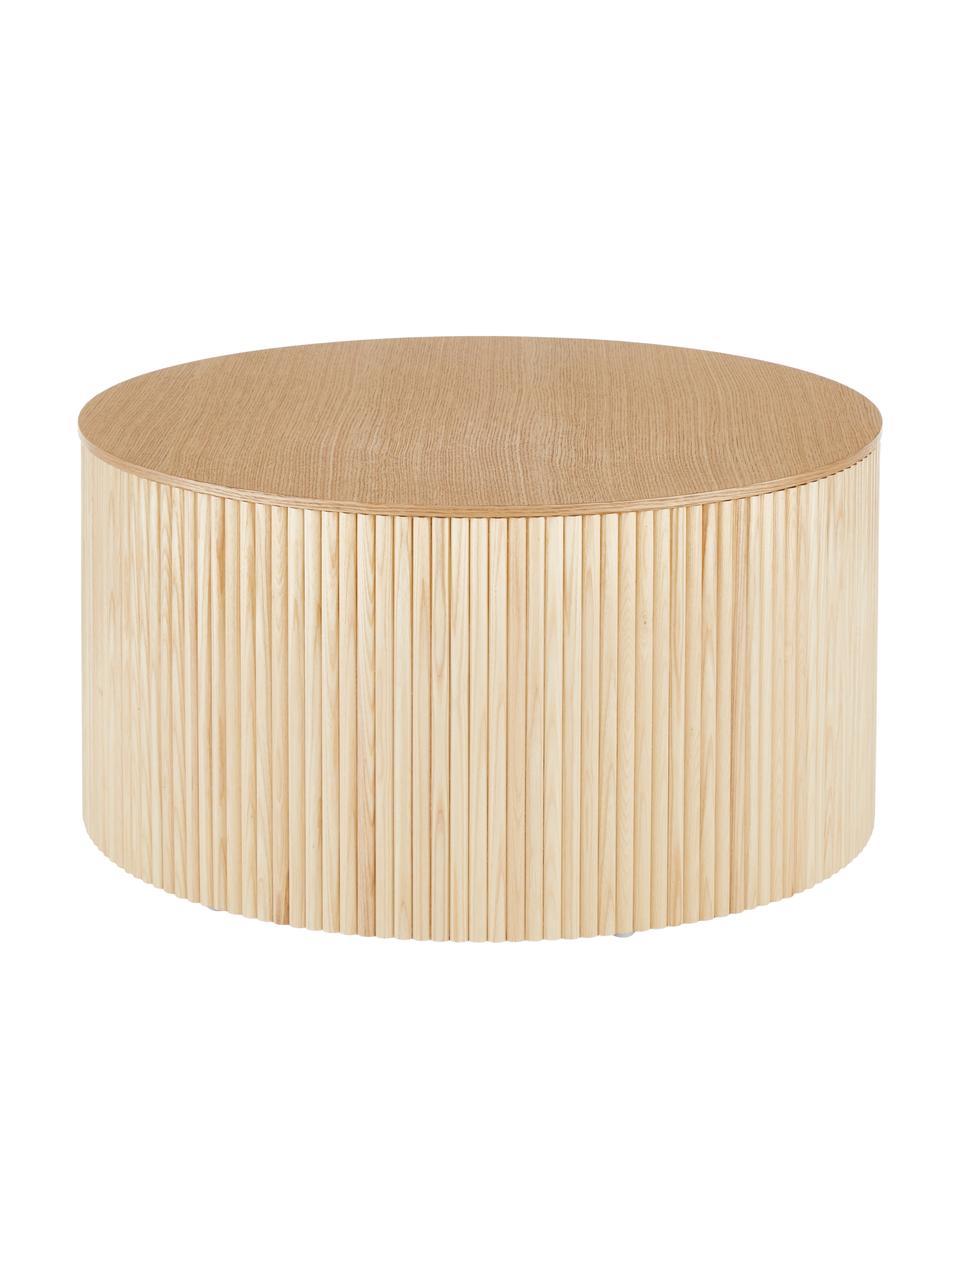 Tavolino contenitore rotondo in legno Nele, Pannello di fibra a media densità (MDF) con finitura in legno di frassino, Marrone chiaro, Ø 70 x Alt. 36 cm